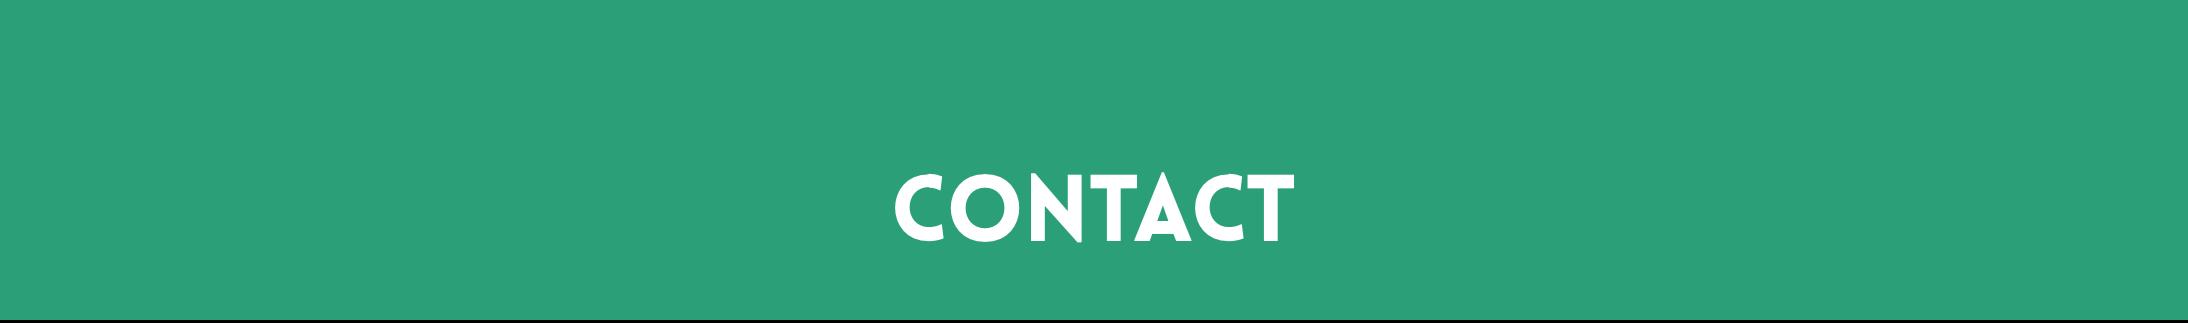 contact pagina van de kwekerij